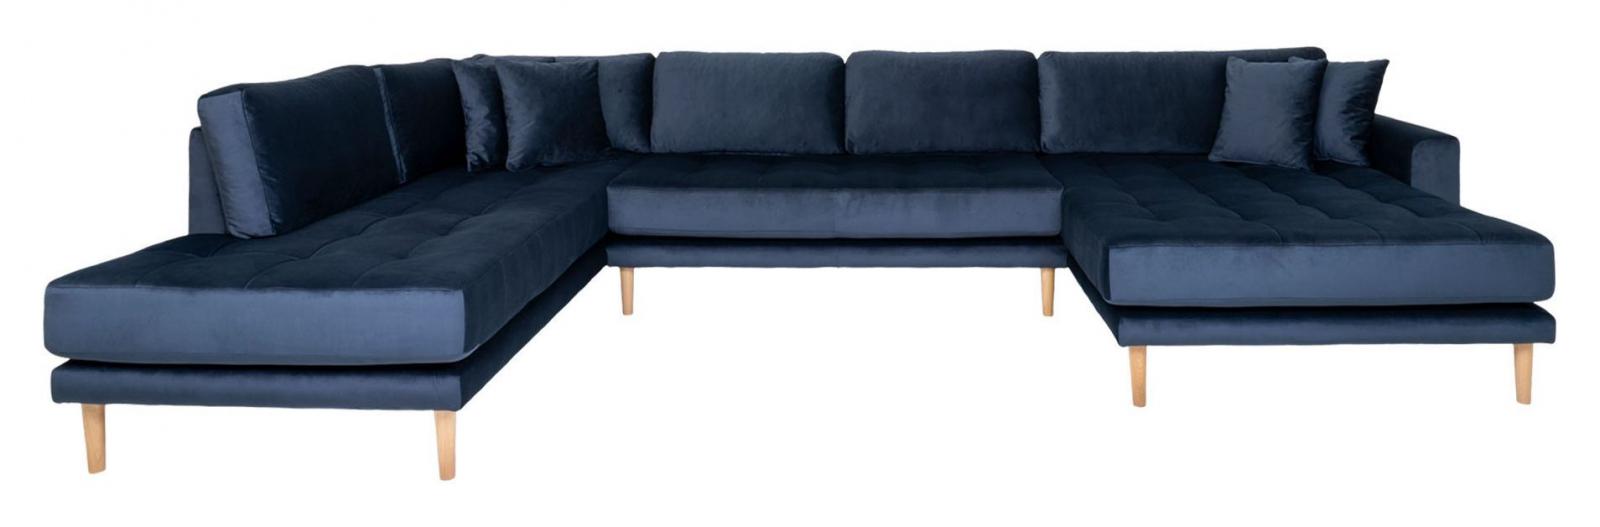 Lido U-sofa m, Åpen ende Høyrevendt - Mørkeblå